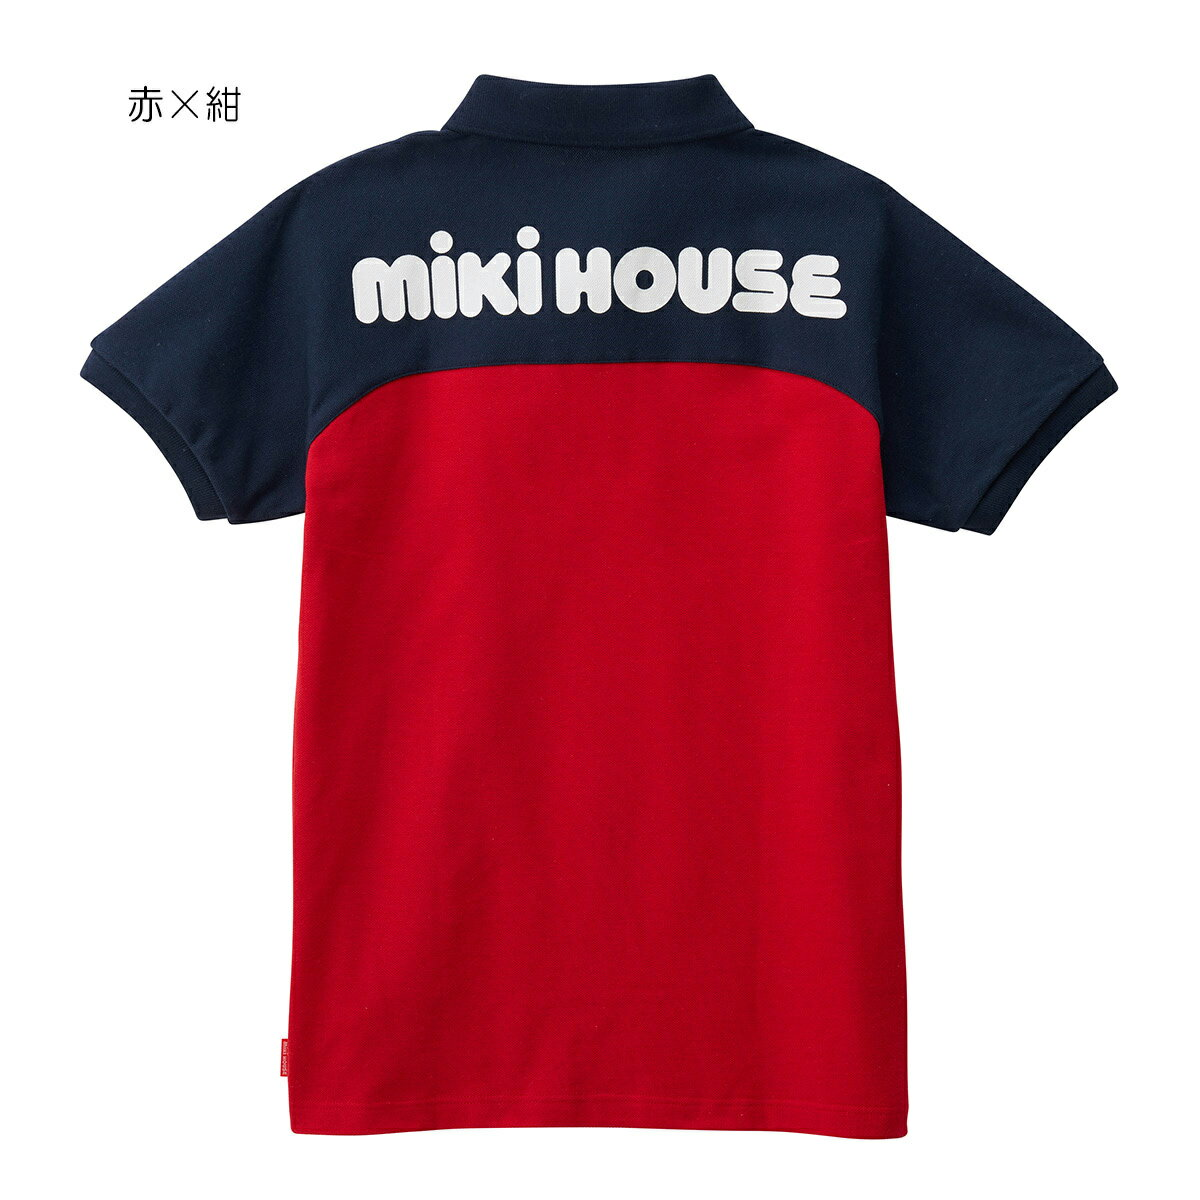 ミキハウス mikihouse バックロゴプリント半袖ポロシャツ(大人用)〈S-L(155cm-185cm)〉